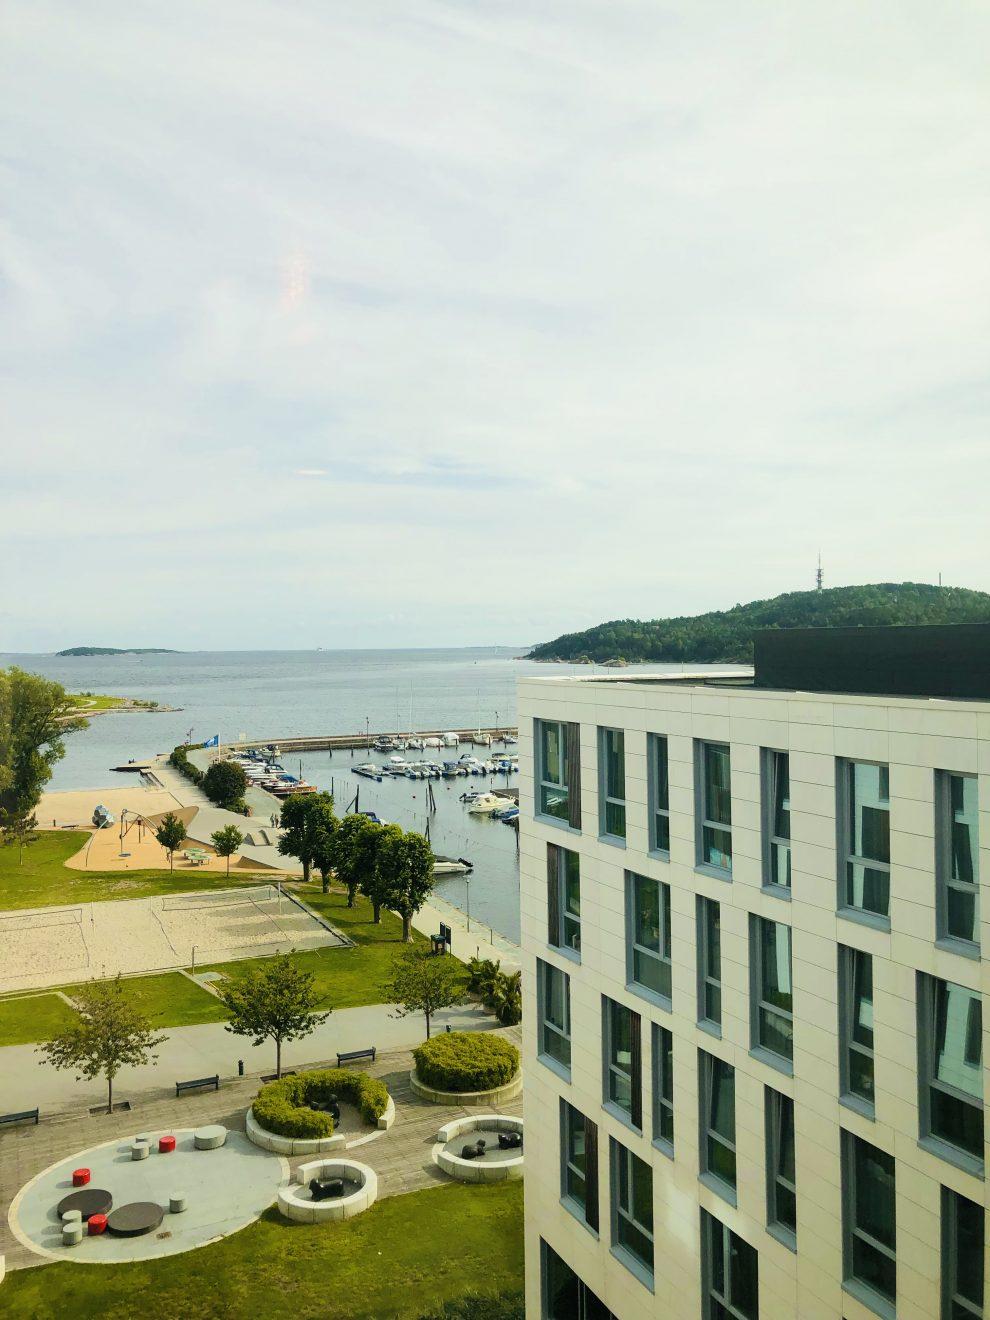 Zuid-Noorwegen rondreis. bezienswaardigheden & tips! Kristiansand